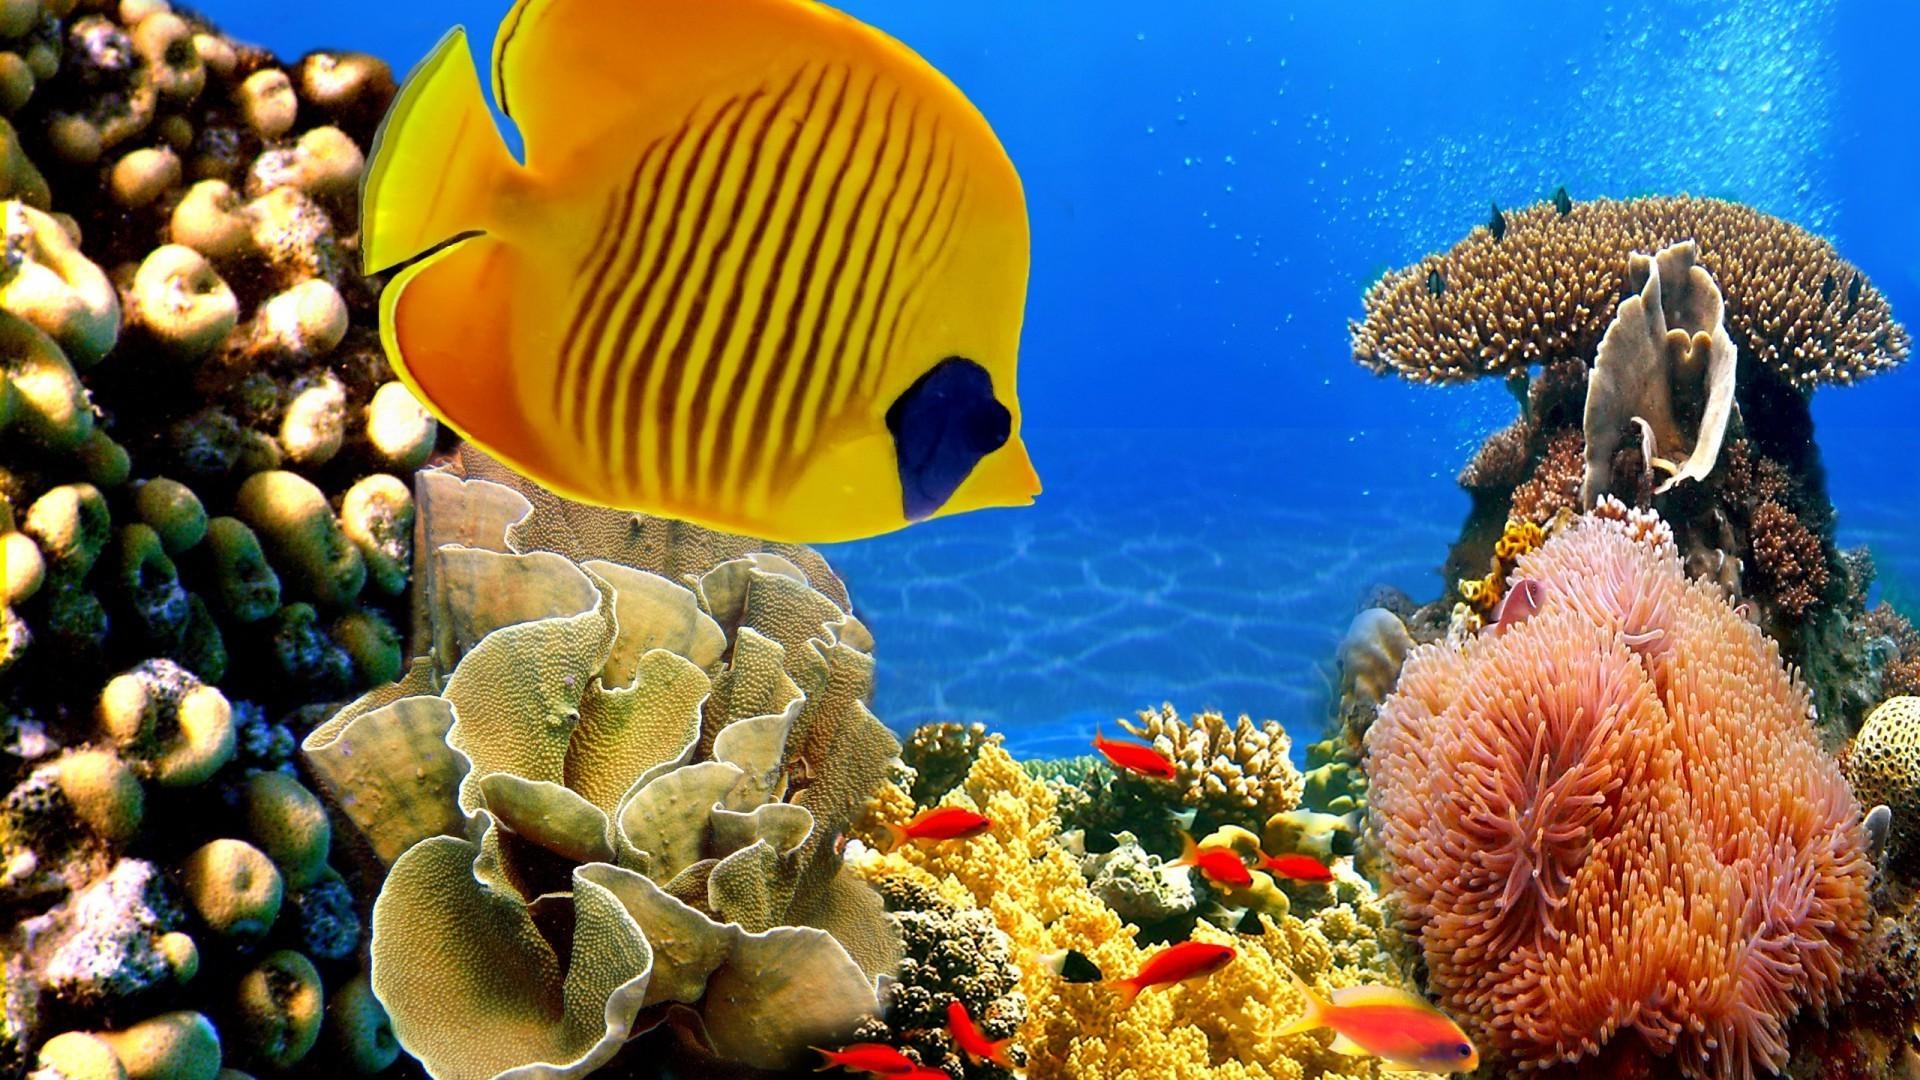 картинки с рыбами в хорошем качестве часто проводит своё